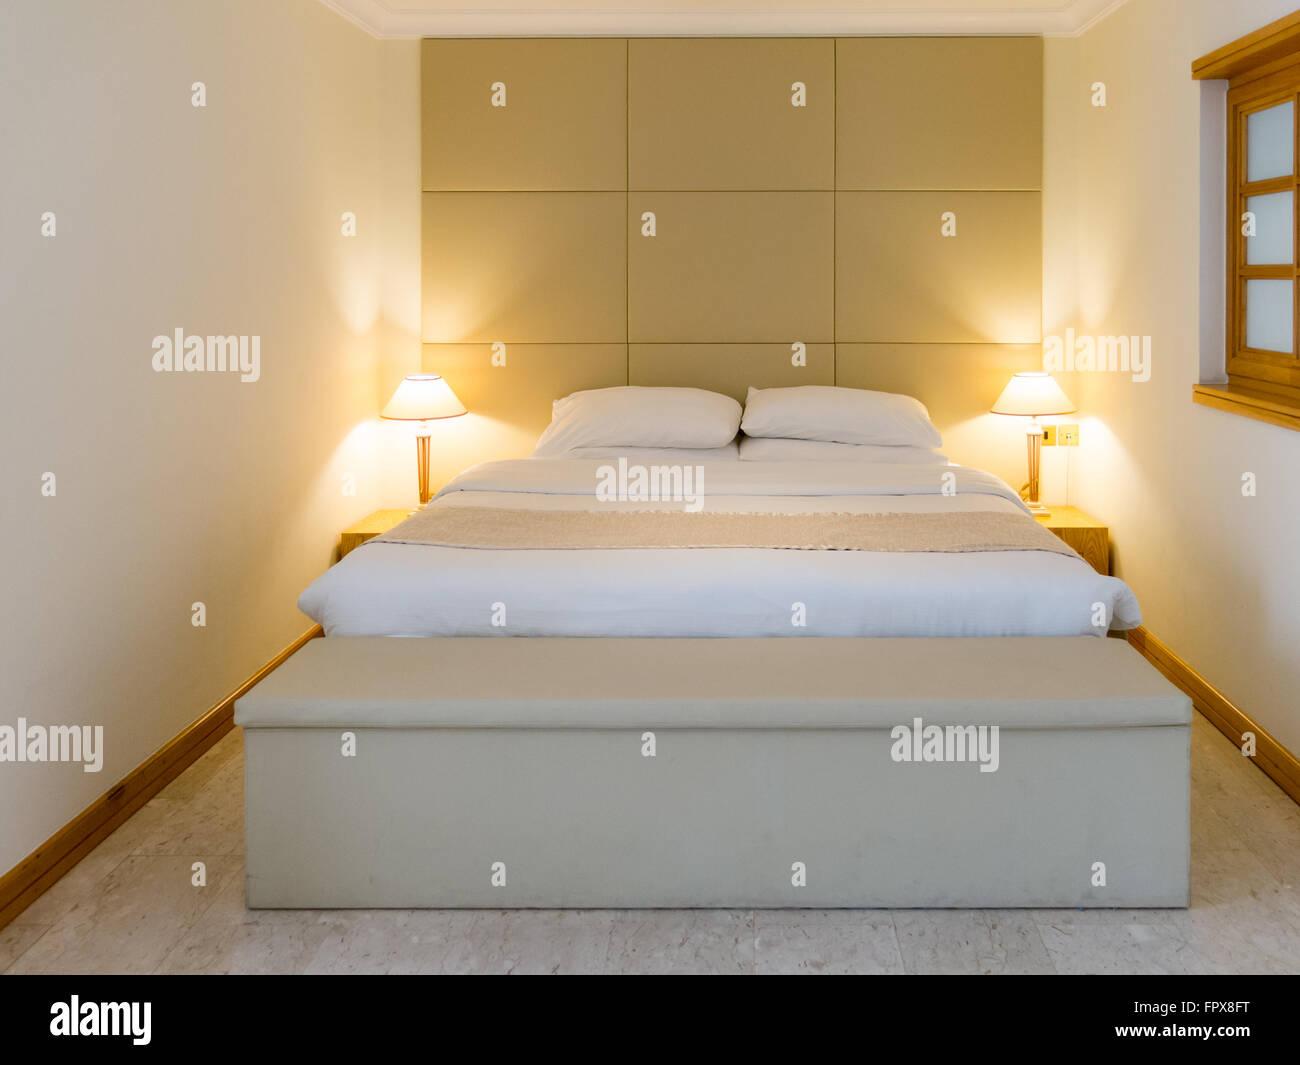 Schlafzimmer mit Doppelbett und Lampen im Hotel in Dubai, Vereinigte ...